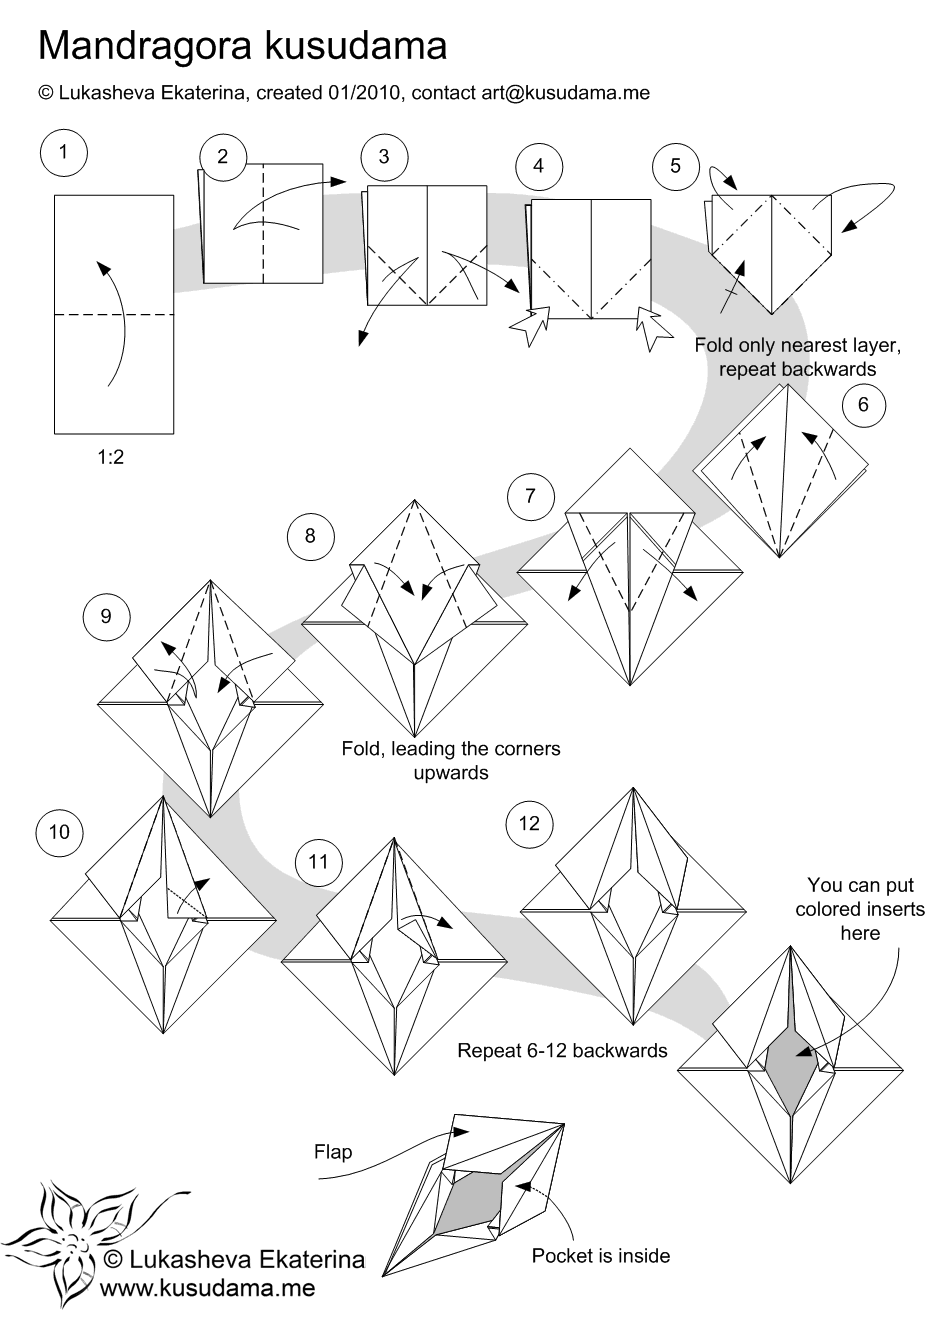 Kusudama me modular origami crocus unit mandragora diagram kusudama me modular origami crocus unit mandragora diagram pooptronica